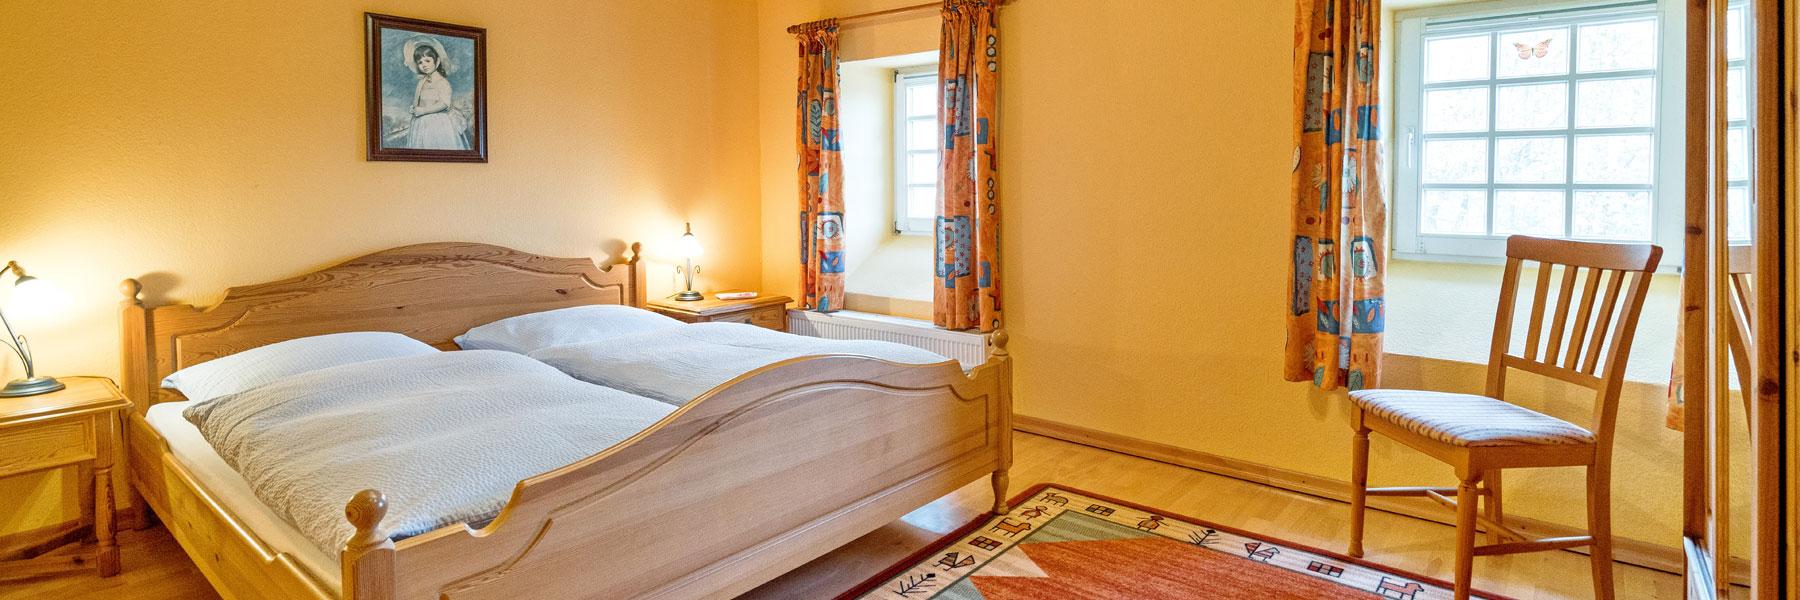 Schlafzimmer - Ferienappartement Bork